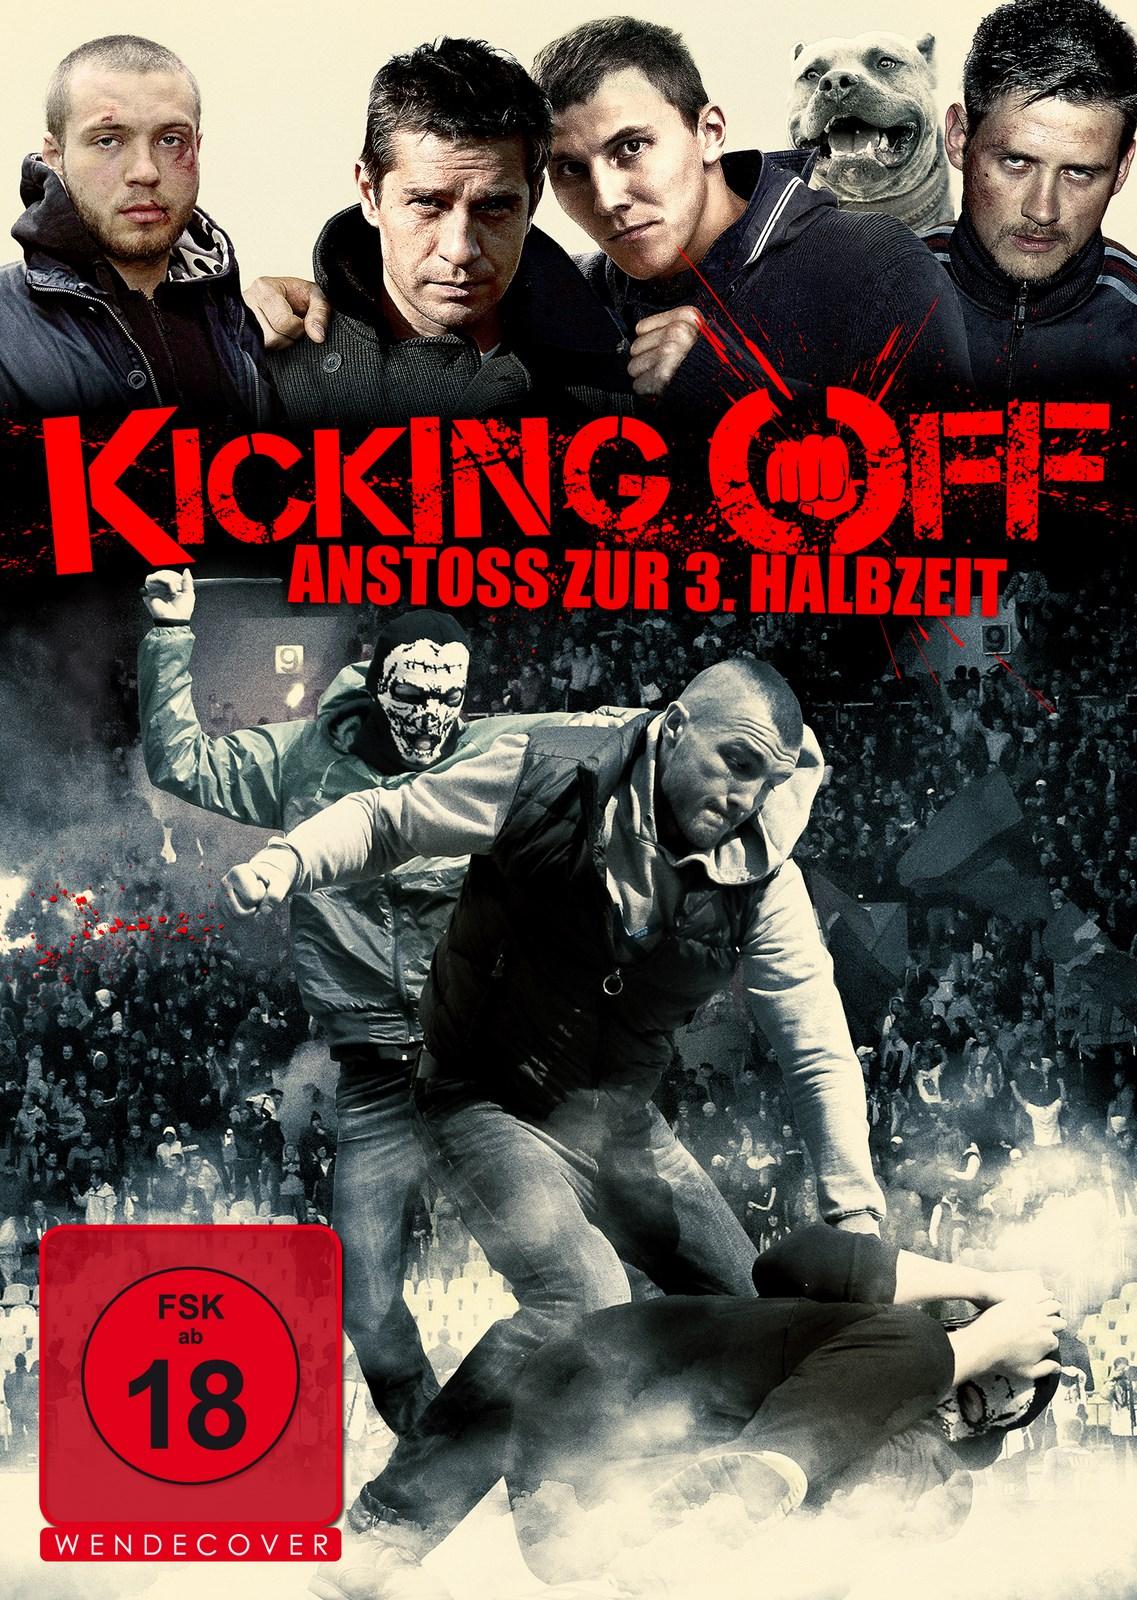 Kicking Off - AnstoГџ Zur 3. Halbzeit